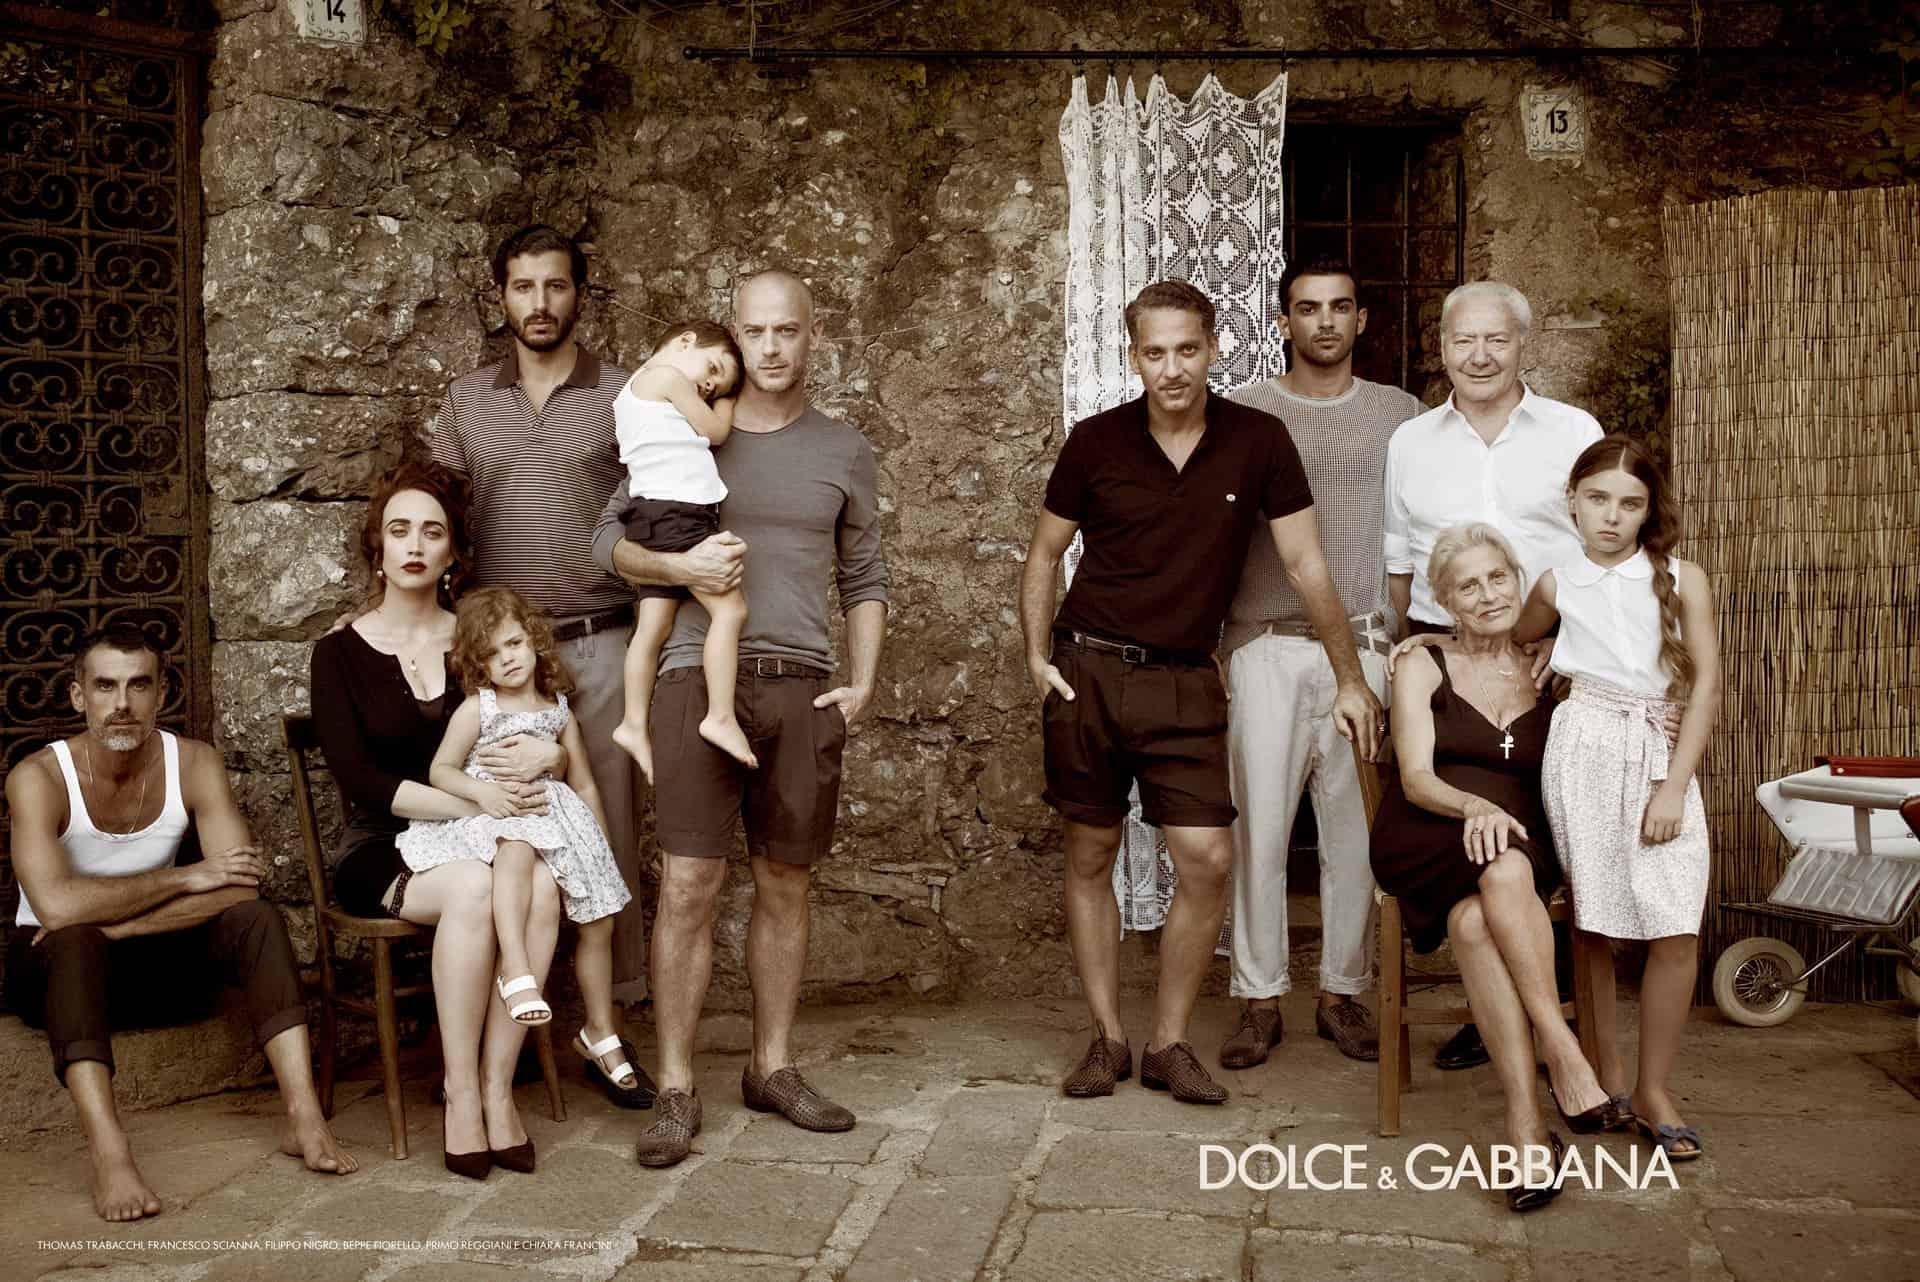 Die Familie in der Fashion Anzeige